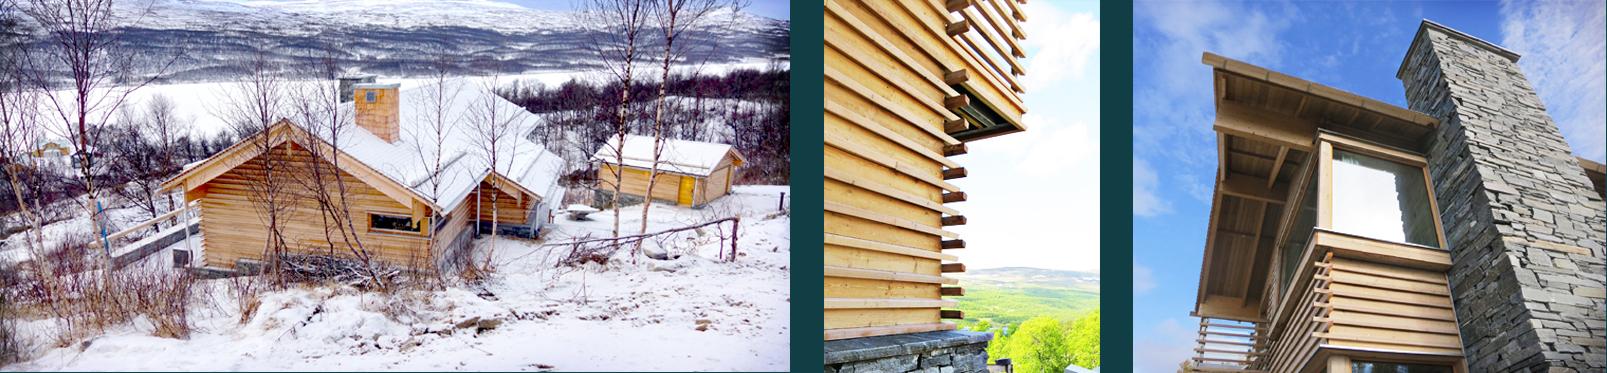 Fint hantverksarbete i den nybyggda fjällvillan, ritad av Rex Arkitektbyrå.